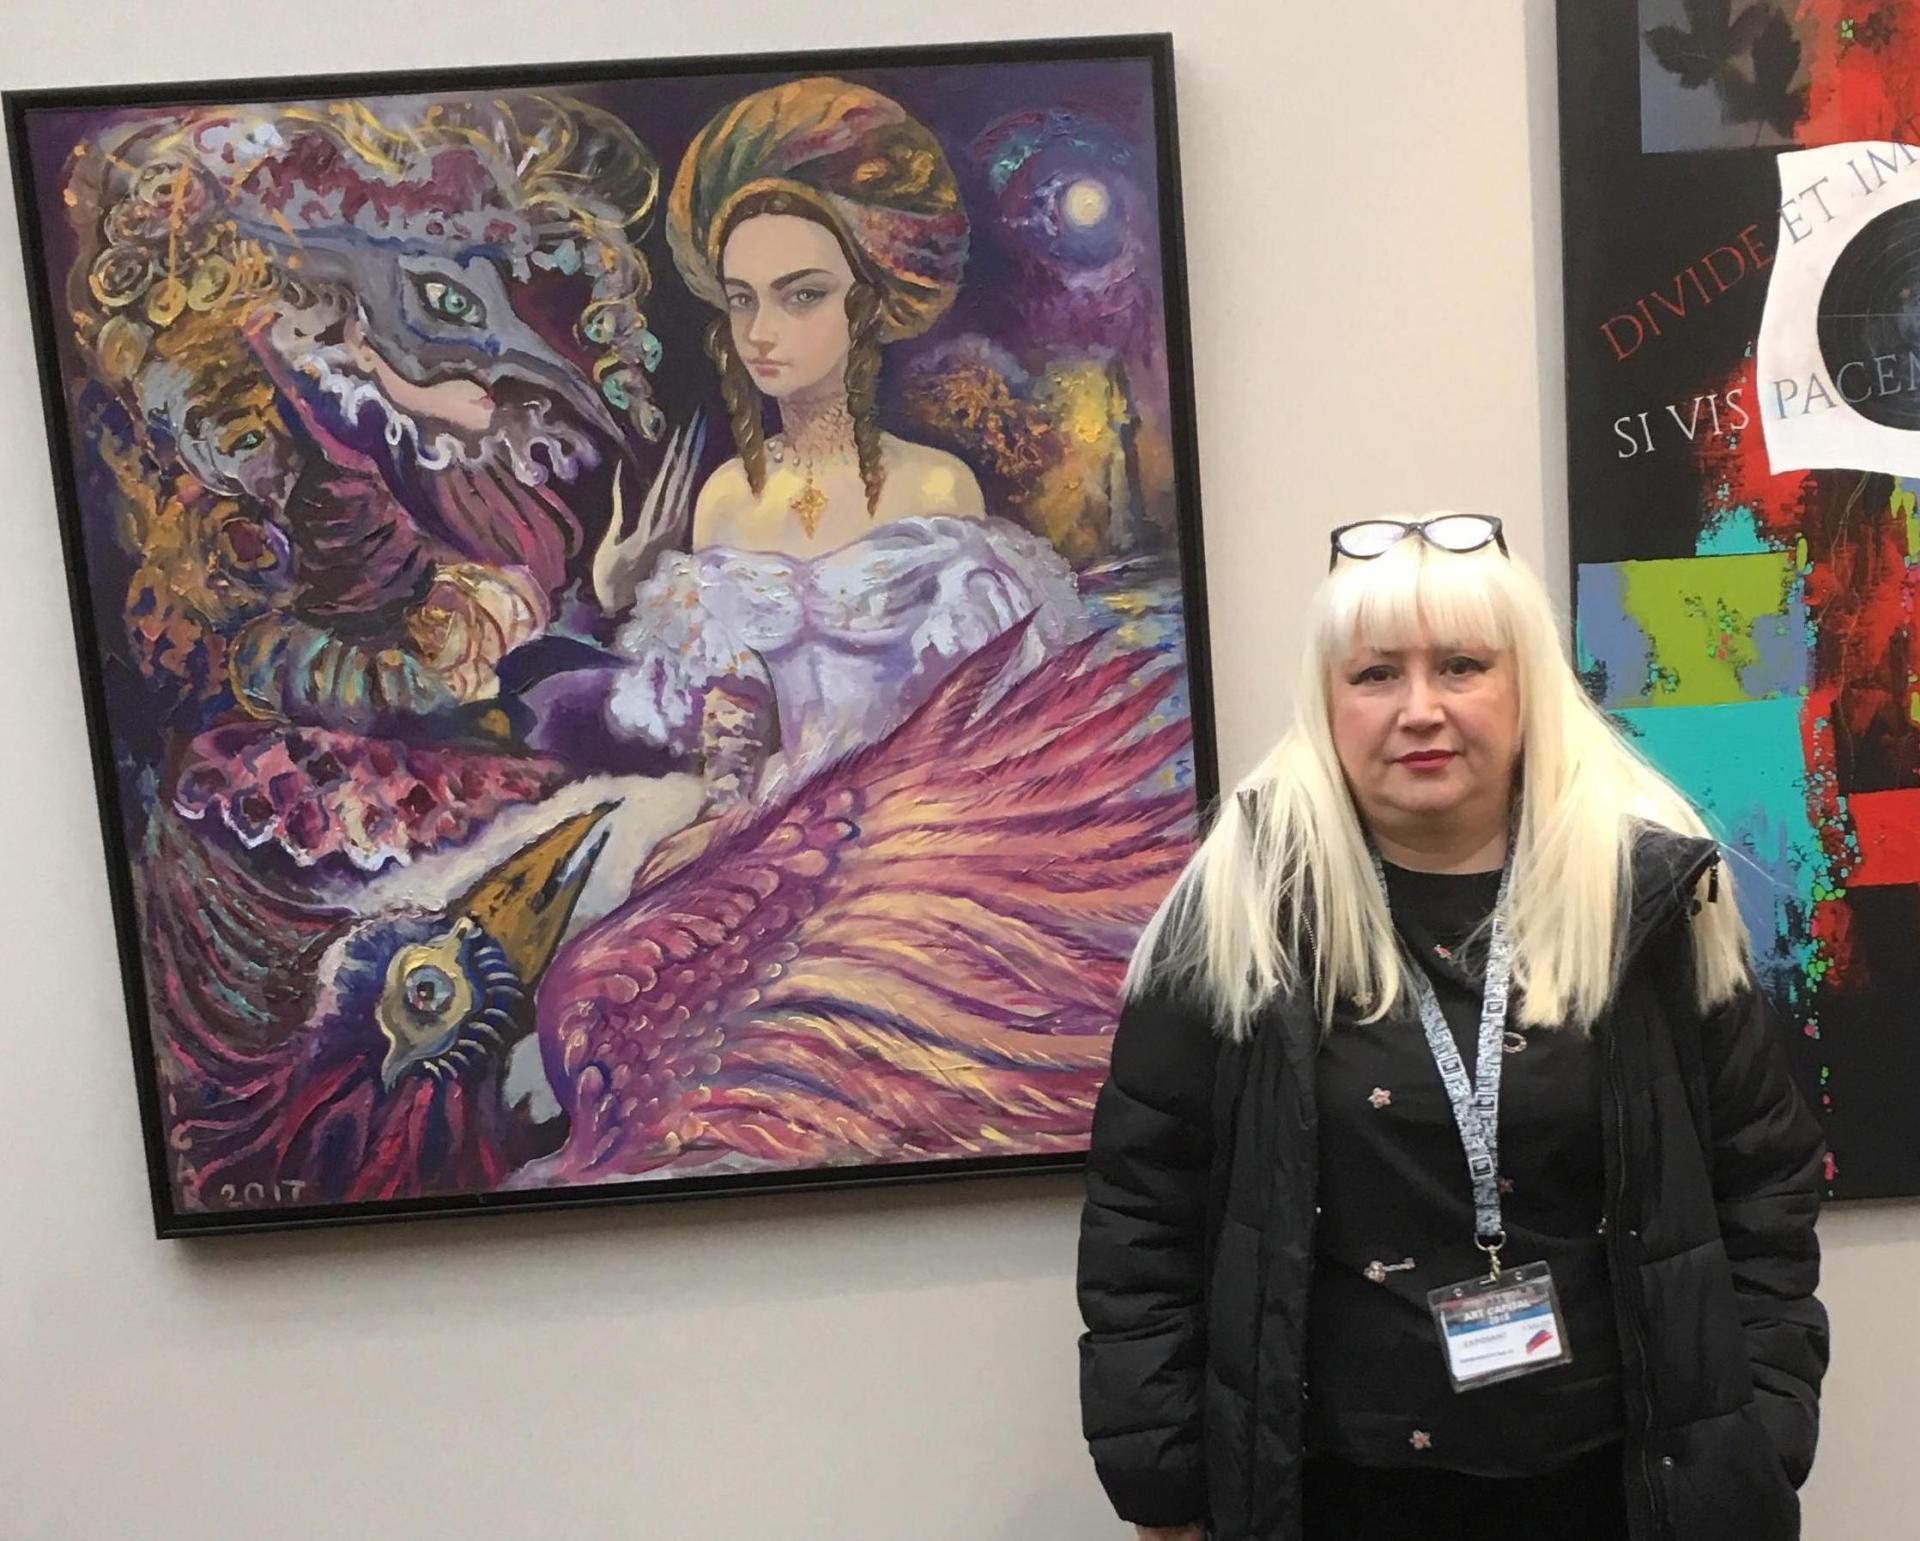 Нигяр Нариманбекова представит свои работы в выставочном зале Свято-Троицкого собора в Париже (ФОТО)